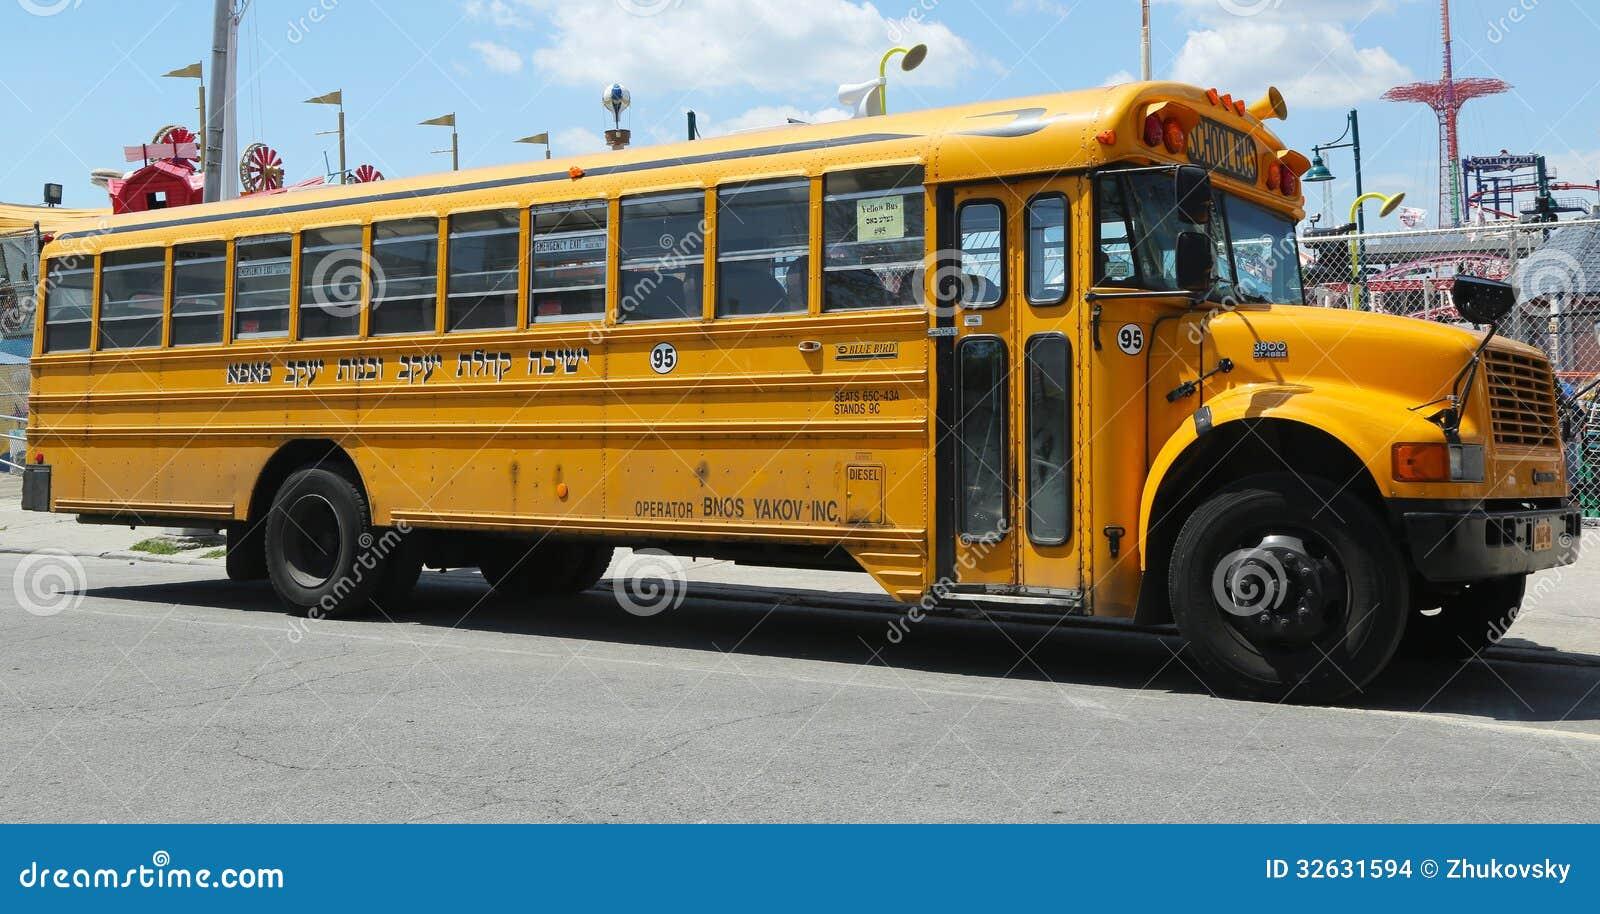 Coney Island Brooklyn Ny Bus